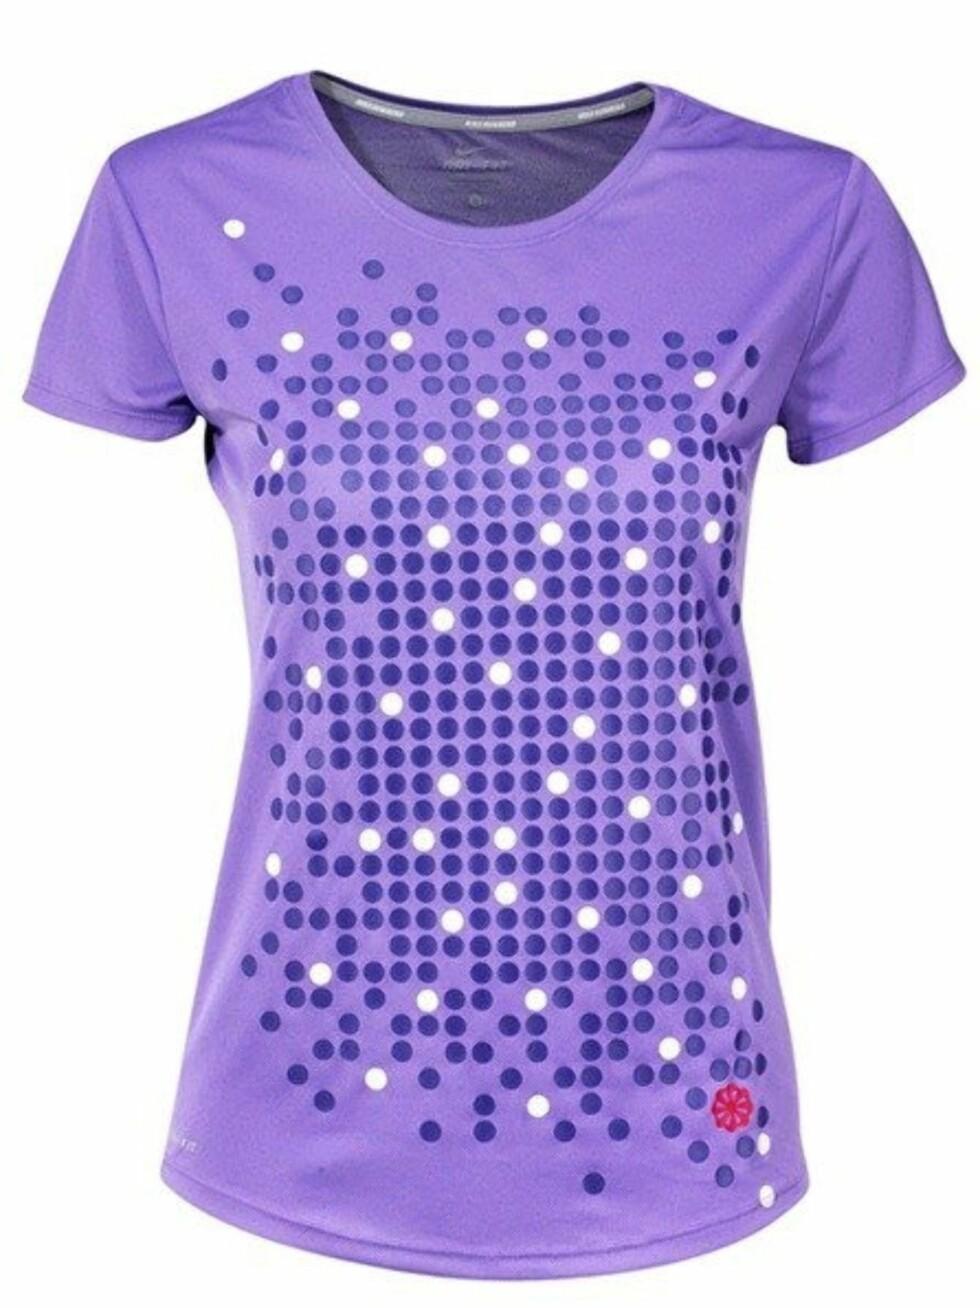 Herlig tynn løpe t-skjorte fra Nike i pustende stoff. 300 kroner fra Loplabbet.no.   Foto: Produsenten